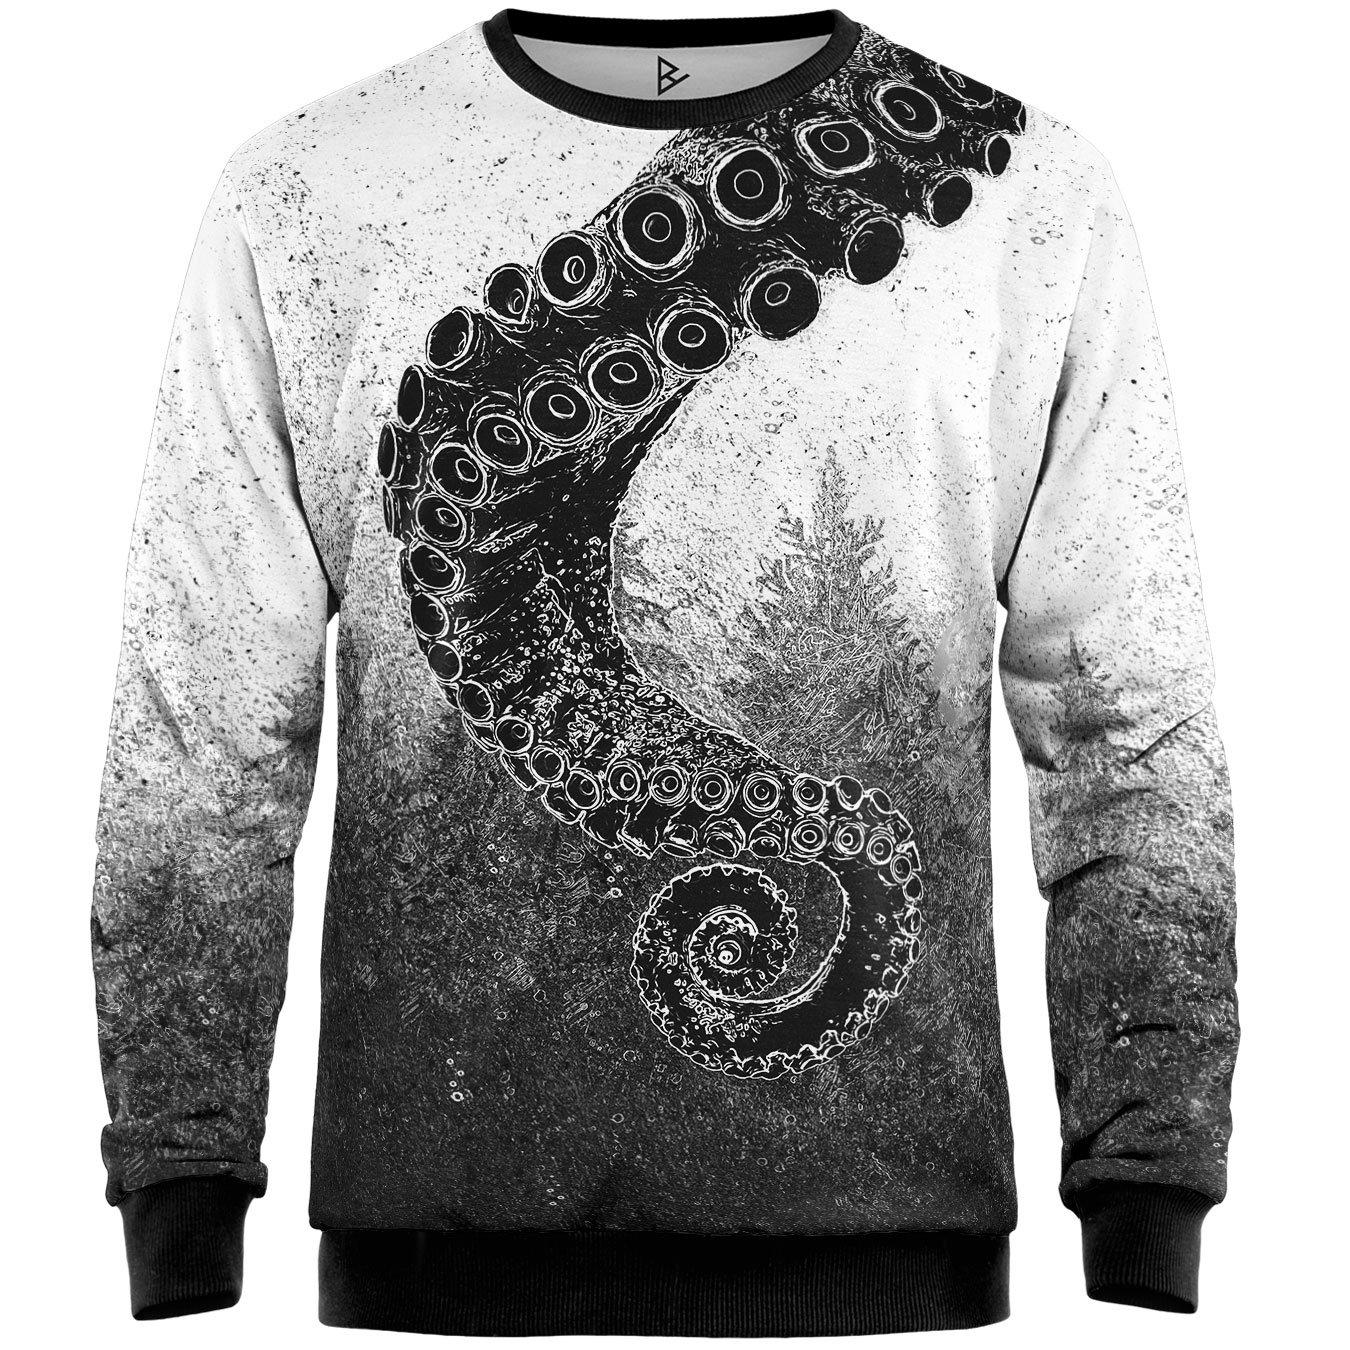 Blowhammer - Sweatshirt Herren - Kraken SWT